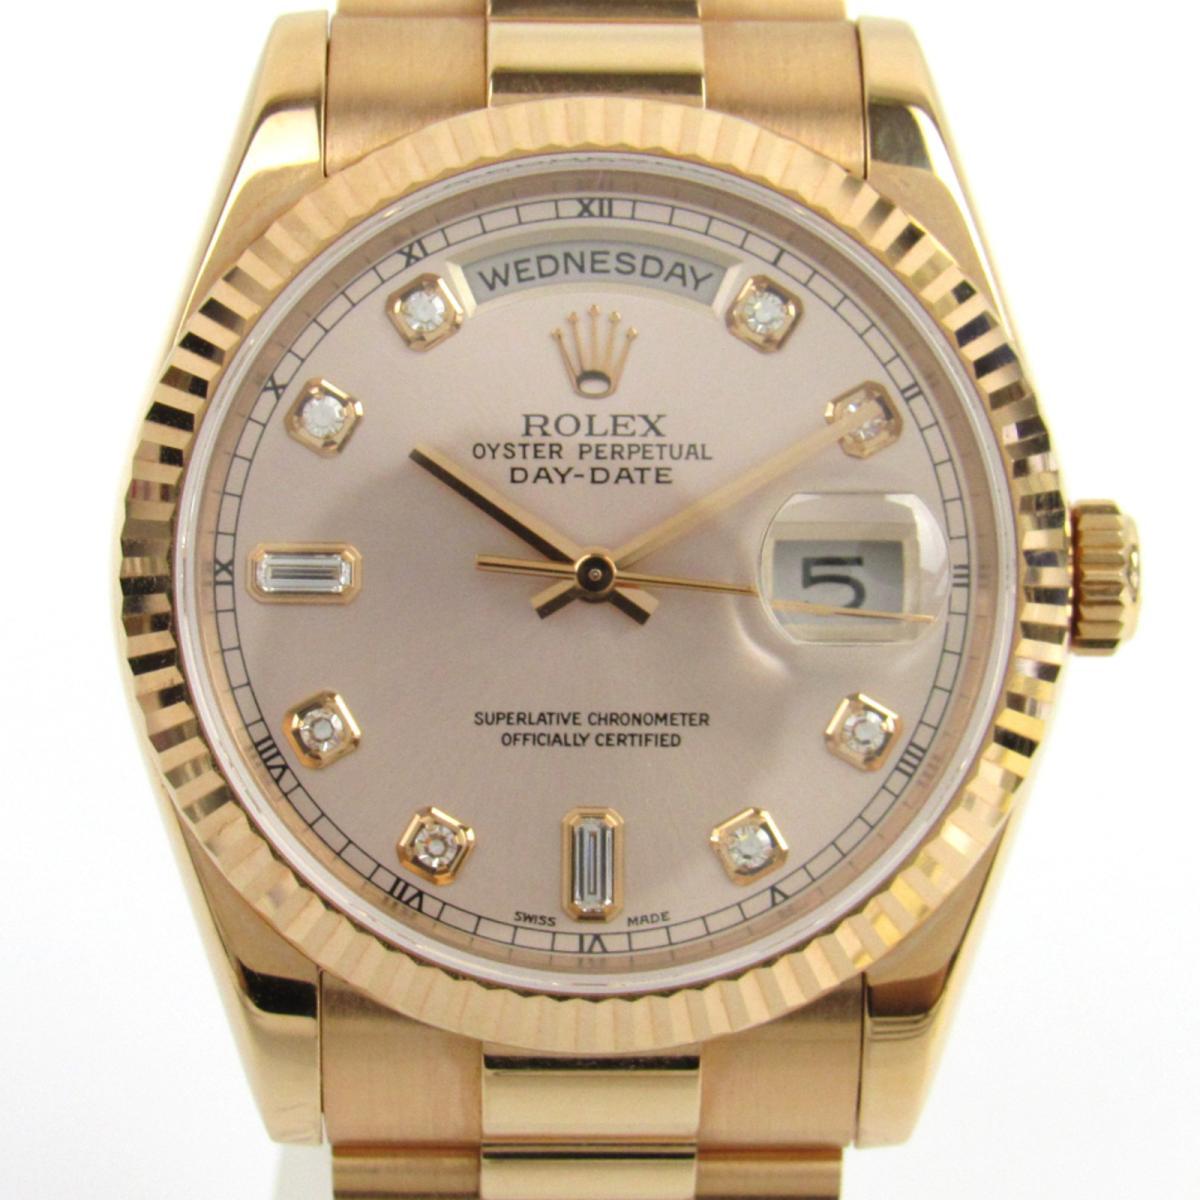 【使い勝手の良い】 【】 ロレックス デイデイト 10Pダイヤモンド ウォッチ 腕時計 メンズ K18PG (ピンクゴールド) x ダイヤモンド (118235A K番) | ROLEX BRANDOFF ブランドオフ ブランド ブランド時計 ブランド腕時計 時計, エッフェル 1a0433f5